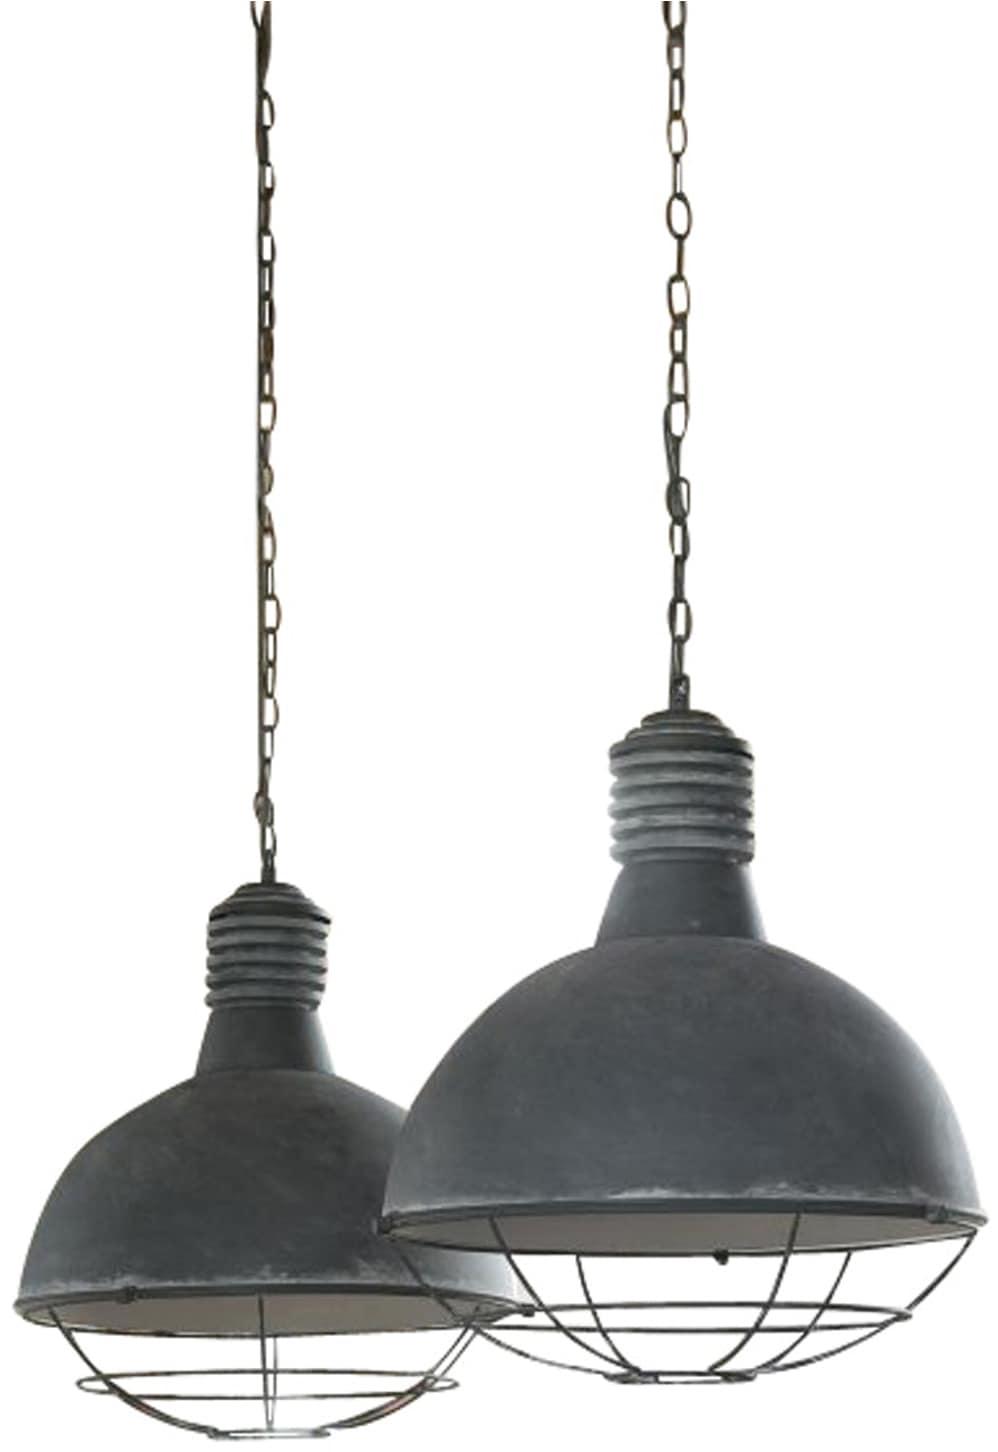 SalesFever Hängeleuchte Anton, E27, Runde Lampenschirme mit Gitter Design